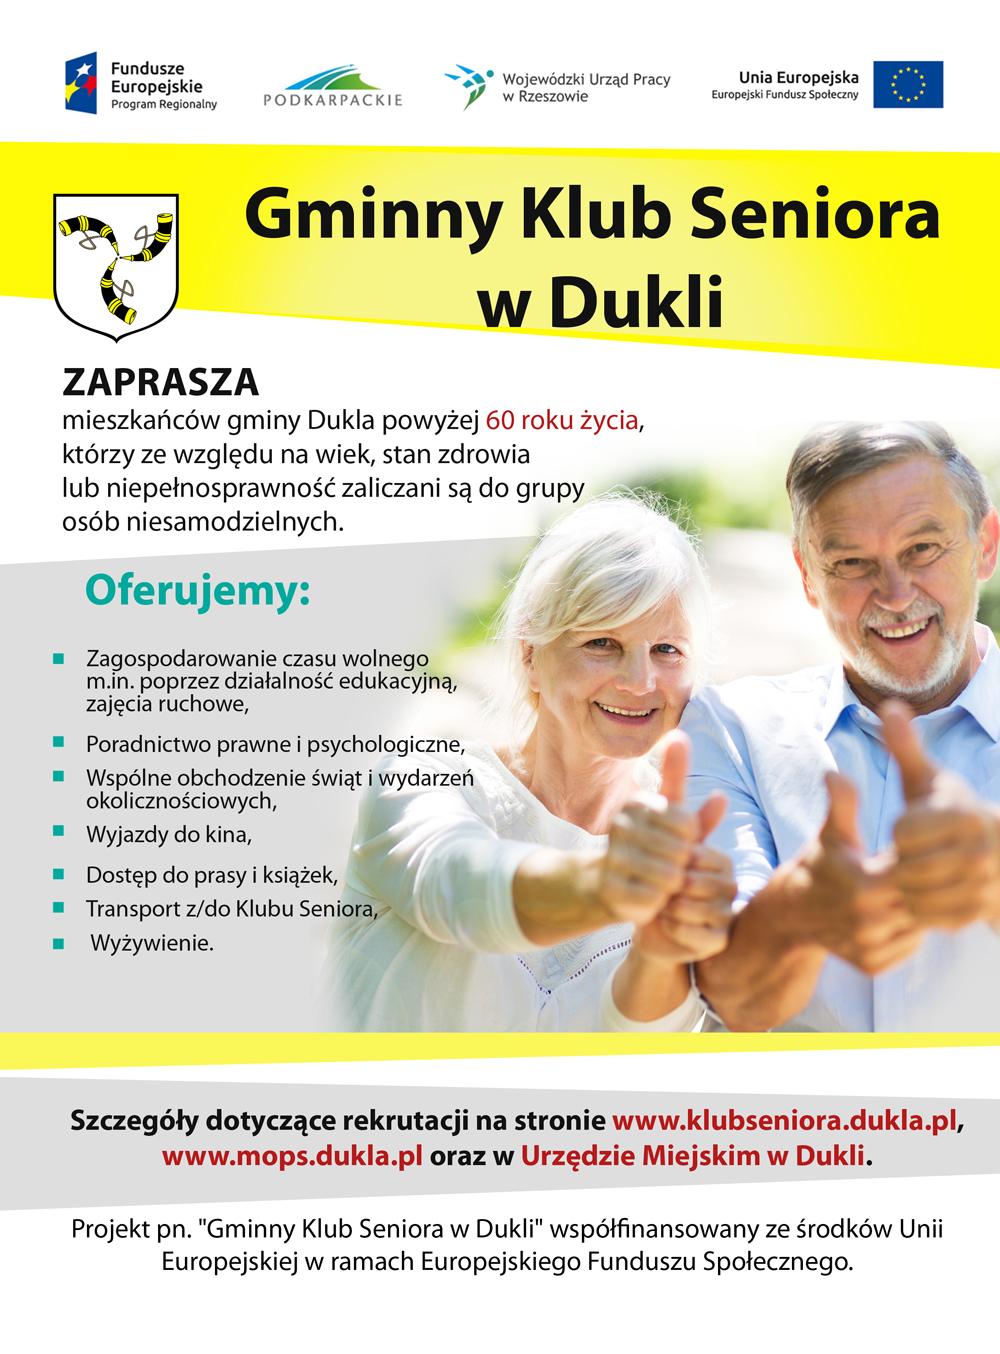 Zaproszenie do Gminnego Klubu Seniora